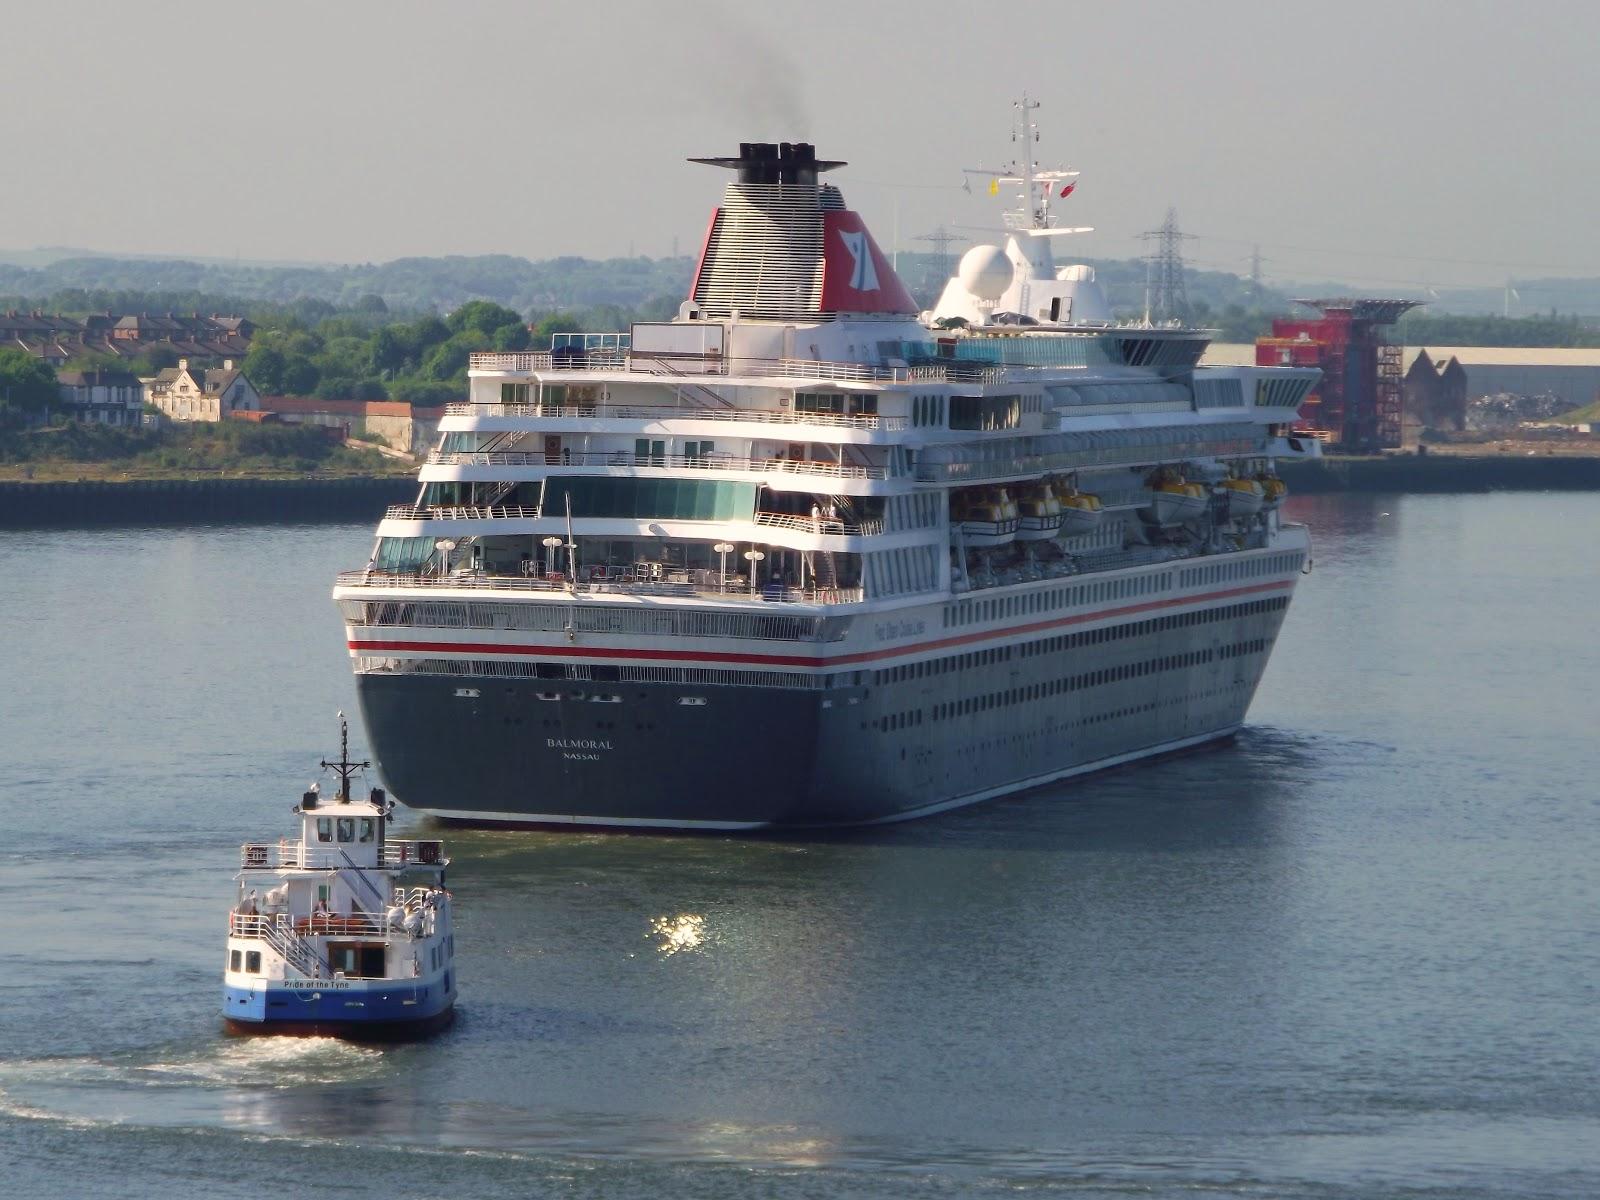 Northumbrian Images Balmoral Cruise Ship - Balmoral cruise ship schedule